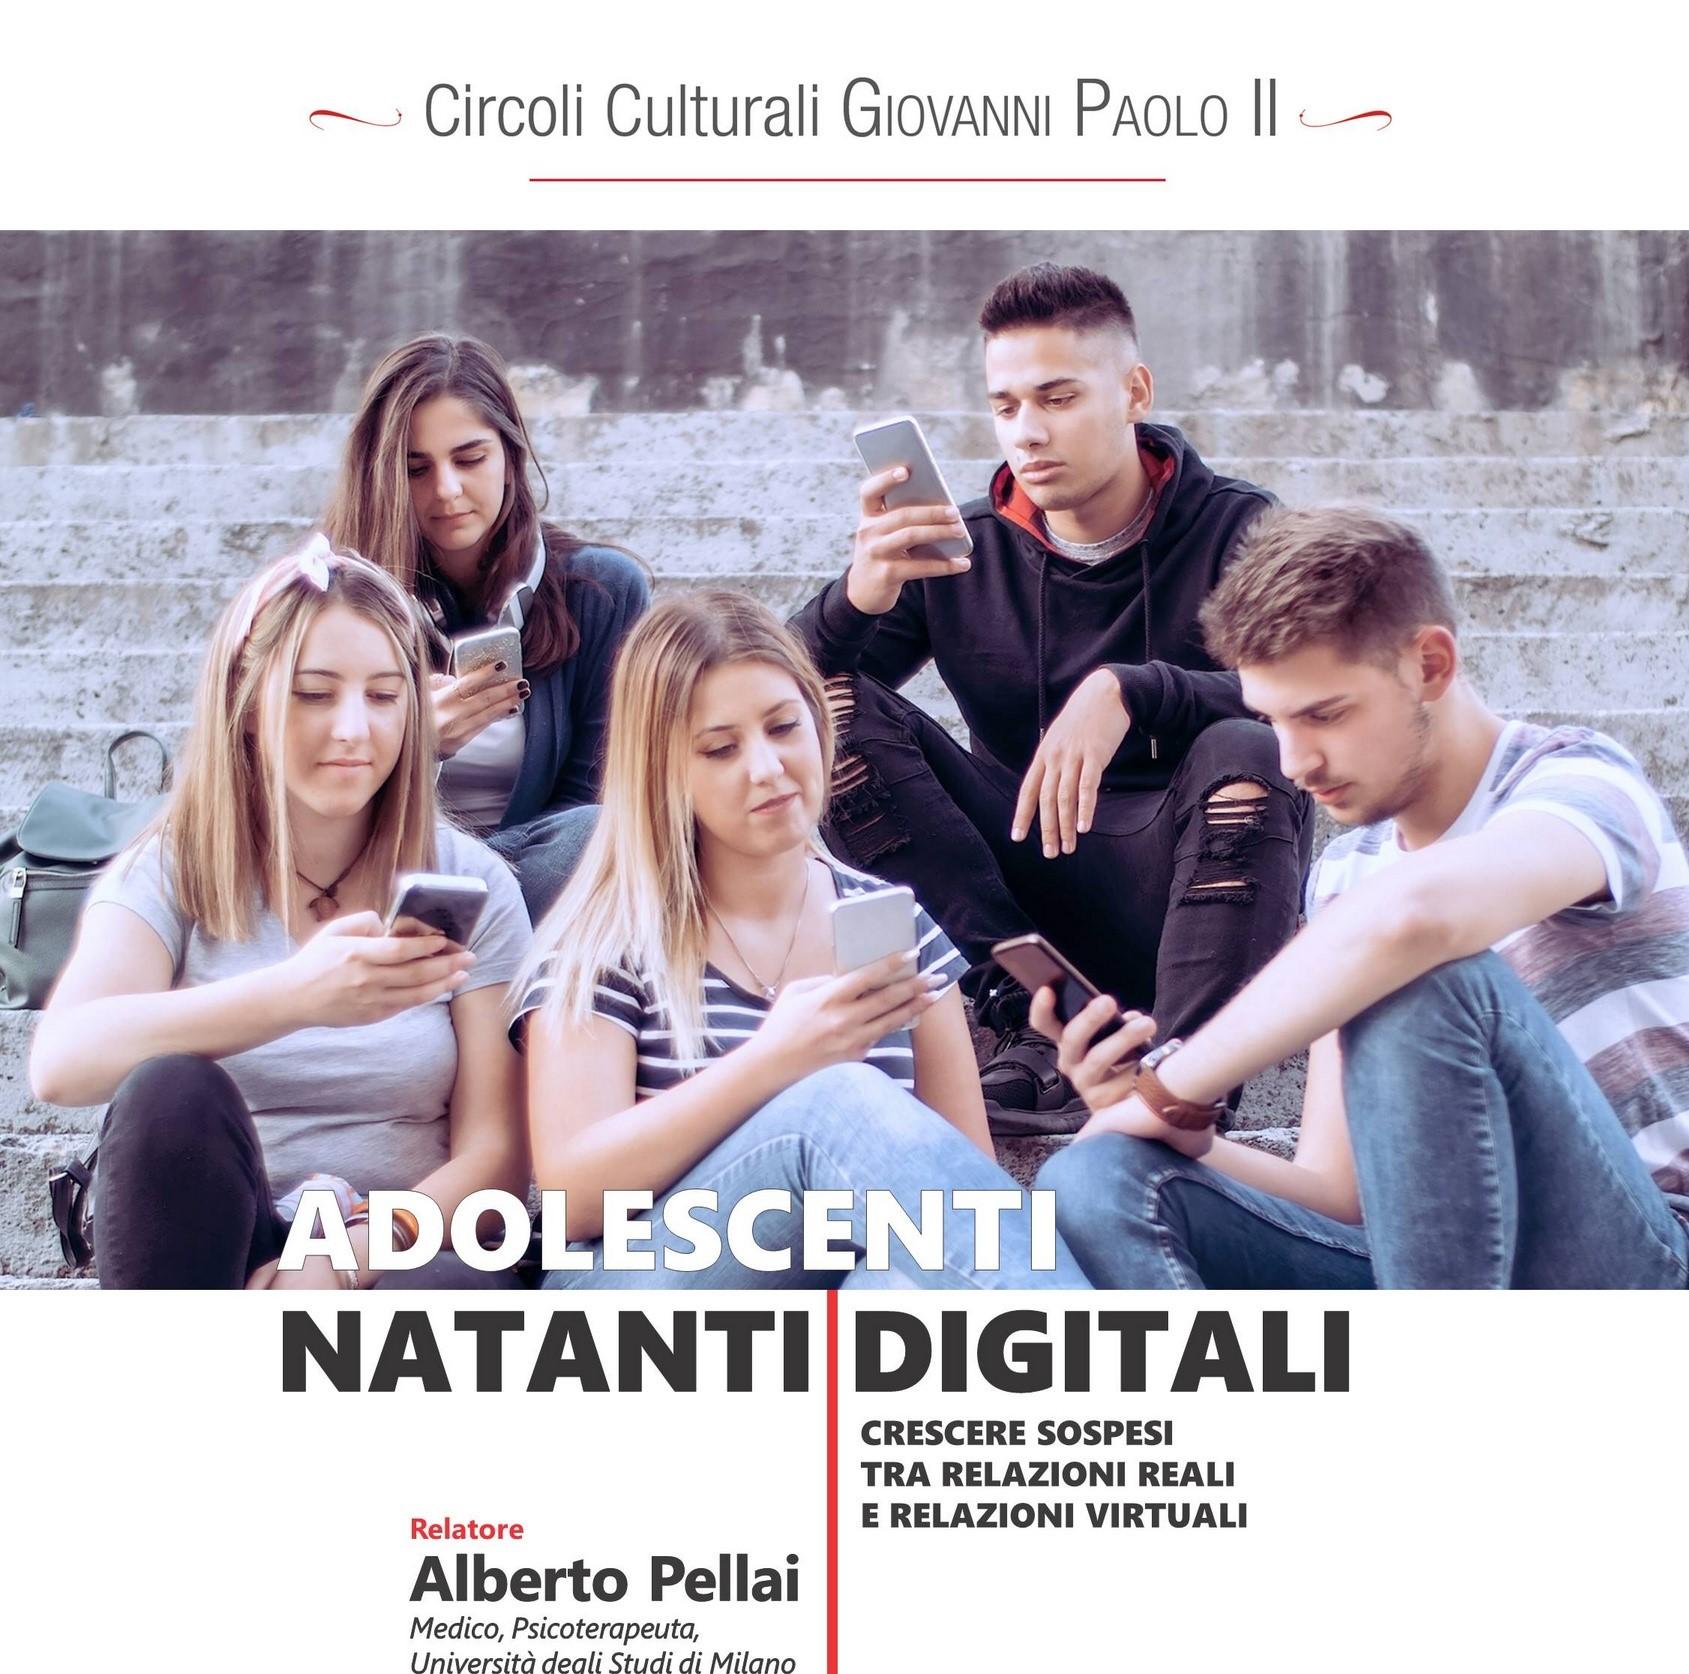 Adolescenti Natanti Digitali